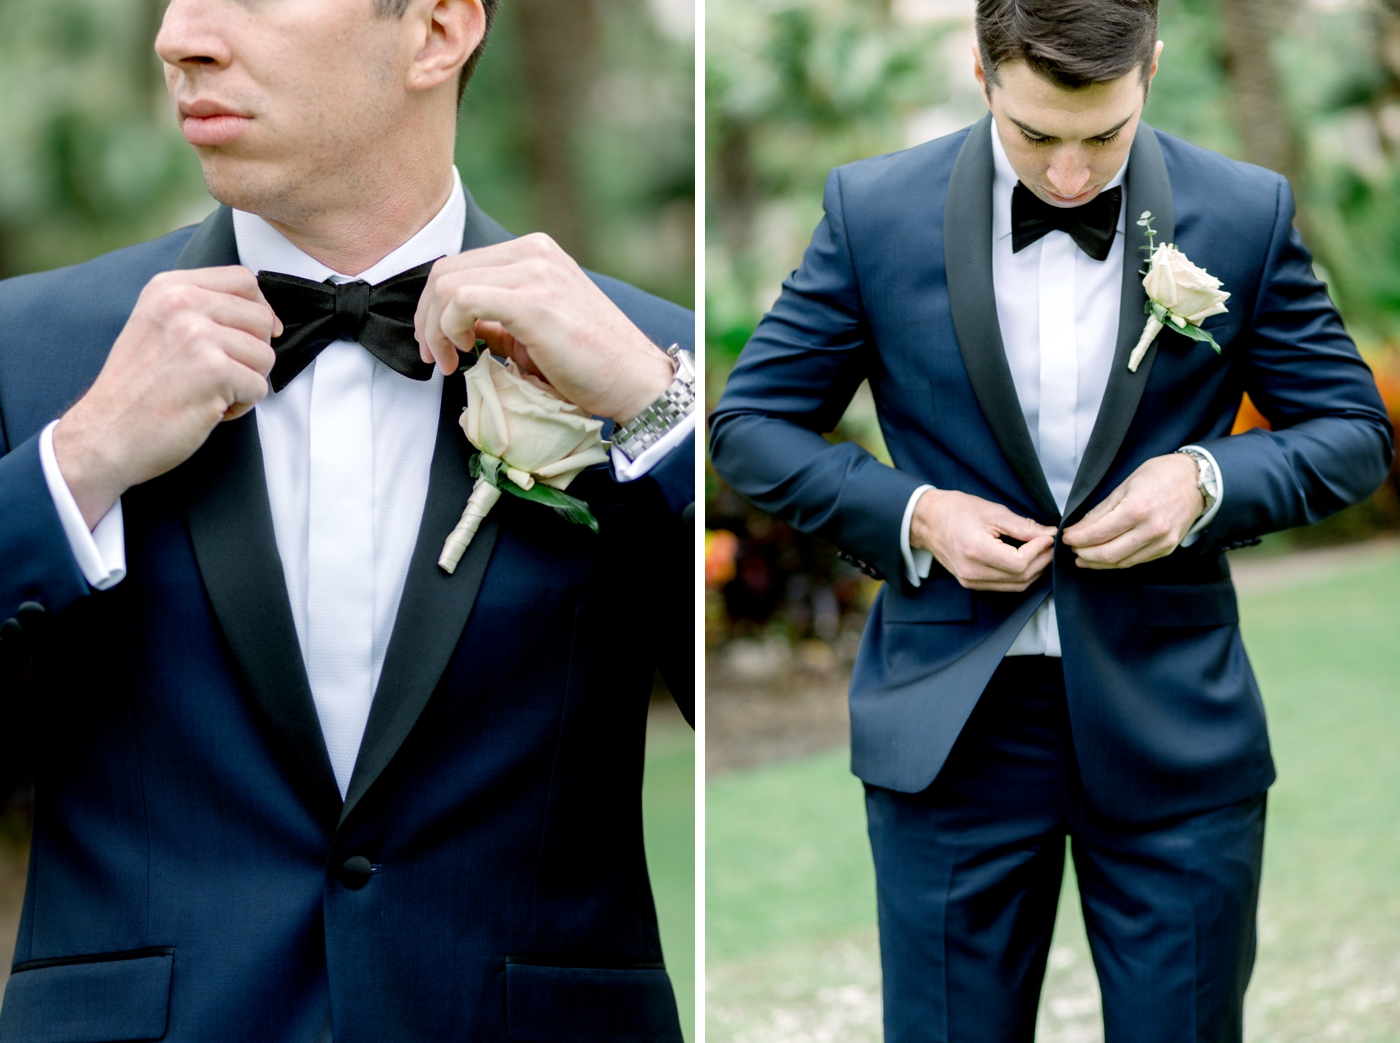 central florida wedding photography